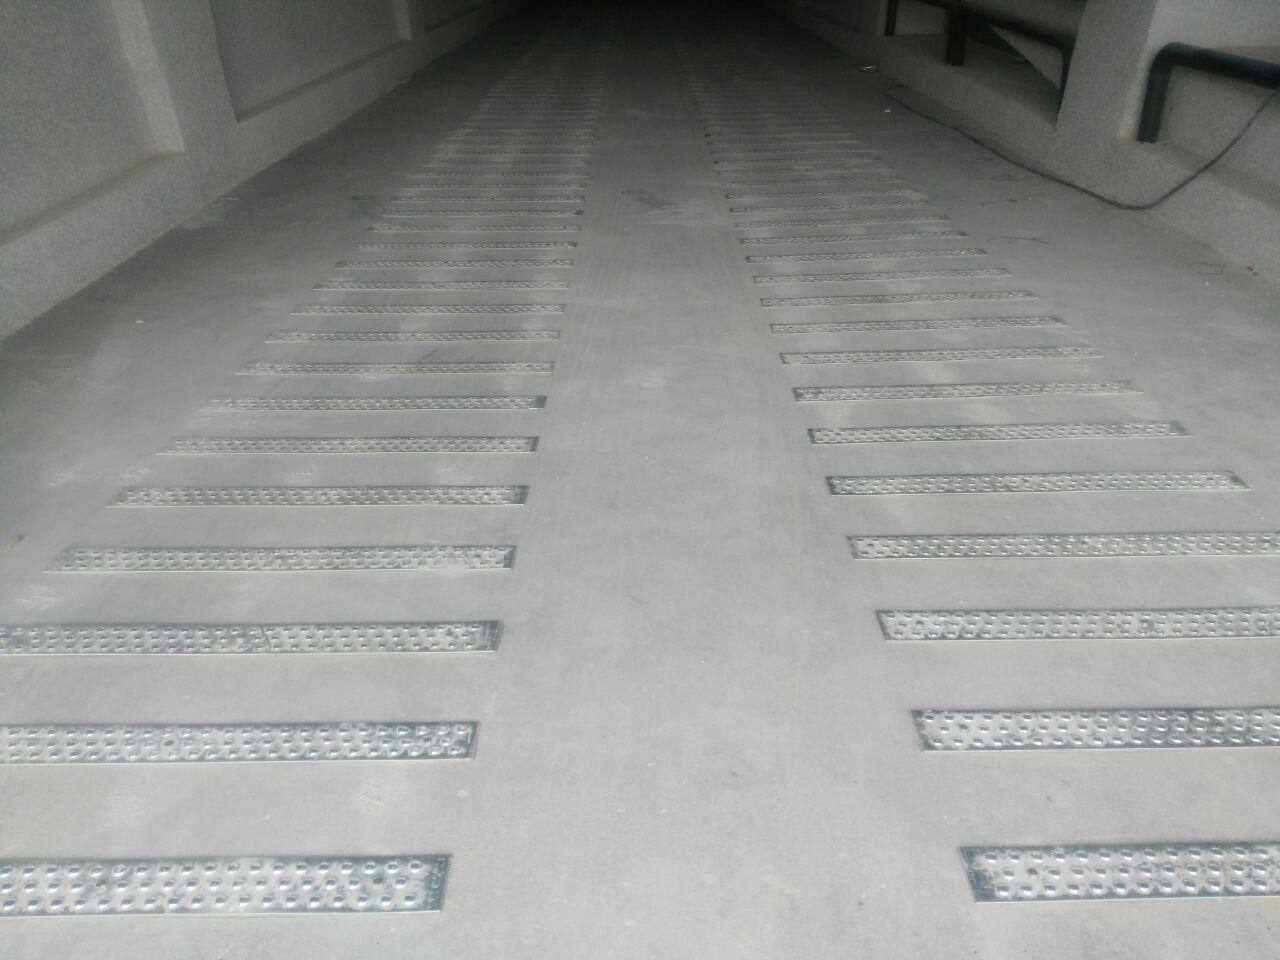 فعال درزمینهٔ تأمین و تجهیز انواع تجهیزات الکتریکی و الکترونیکی تولید داخل وبرترین نمانامهای جهان نماینده انحصاری Sofamel اسپانیا (ایمنی و اتصالات) انواع لامپ: رشتهای، لامپهای (ELV(Estra Low Voltage، رفلکتوری، هالوژن، لامپهای گازی بخار سدیم، لامپهای گازی بخار جیوه، متال هالید، لامپ آل ای دی، لامپ فلورسنت استاندارد و لامپ فلورسنت فشرده (کممصرف). (نما نور، نور، اسرام، افرا تاب، پارس شهاب، ماضی نور، گل نور، AEG, Philips. General Electric و …) انواع سیم و کابل: کابل فشارقوی، فشار ضعیف، فشار متوسط، مخابراتی، فیبر نوری، کنترل، ابزار دقیق، خود نگهدار (خراسان افشار نزاد، سیم و کابل یزد، سیم و کابل ابهر، سیمند کابل) انواع بالاست و اینورتر (جرقه زن)(Layerton، تابش، نور، راما، Philips) انواع گلند و کانکتور تجهیزات الکتریکی ضد انفجار انواع گلند و تبدیل، نورافکن، چراغدستی، چراغ تونلی، چراغ خروج، سوکت پلاگ، جعبهتقسیم، آژیر و فلاشر، انواع الکتروموتور، چراغهای فلورسنتی ضد انفجار، جعبه کنترل، روشنایی، کلید و پریز (WAROM, STAHL, SCHOCH, ECOM, WOLF, STREAM LIGHT,PELICAN,DAYSUN) عضو وندور لیست پالایشگاه آبادان، پتروشیمی شازند، پالایشگاه شازند، شهرداری پردیس، شهرداری گرمسار، شرکت اطلس ایرانیان